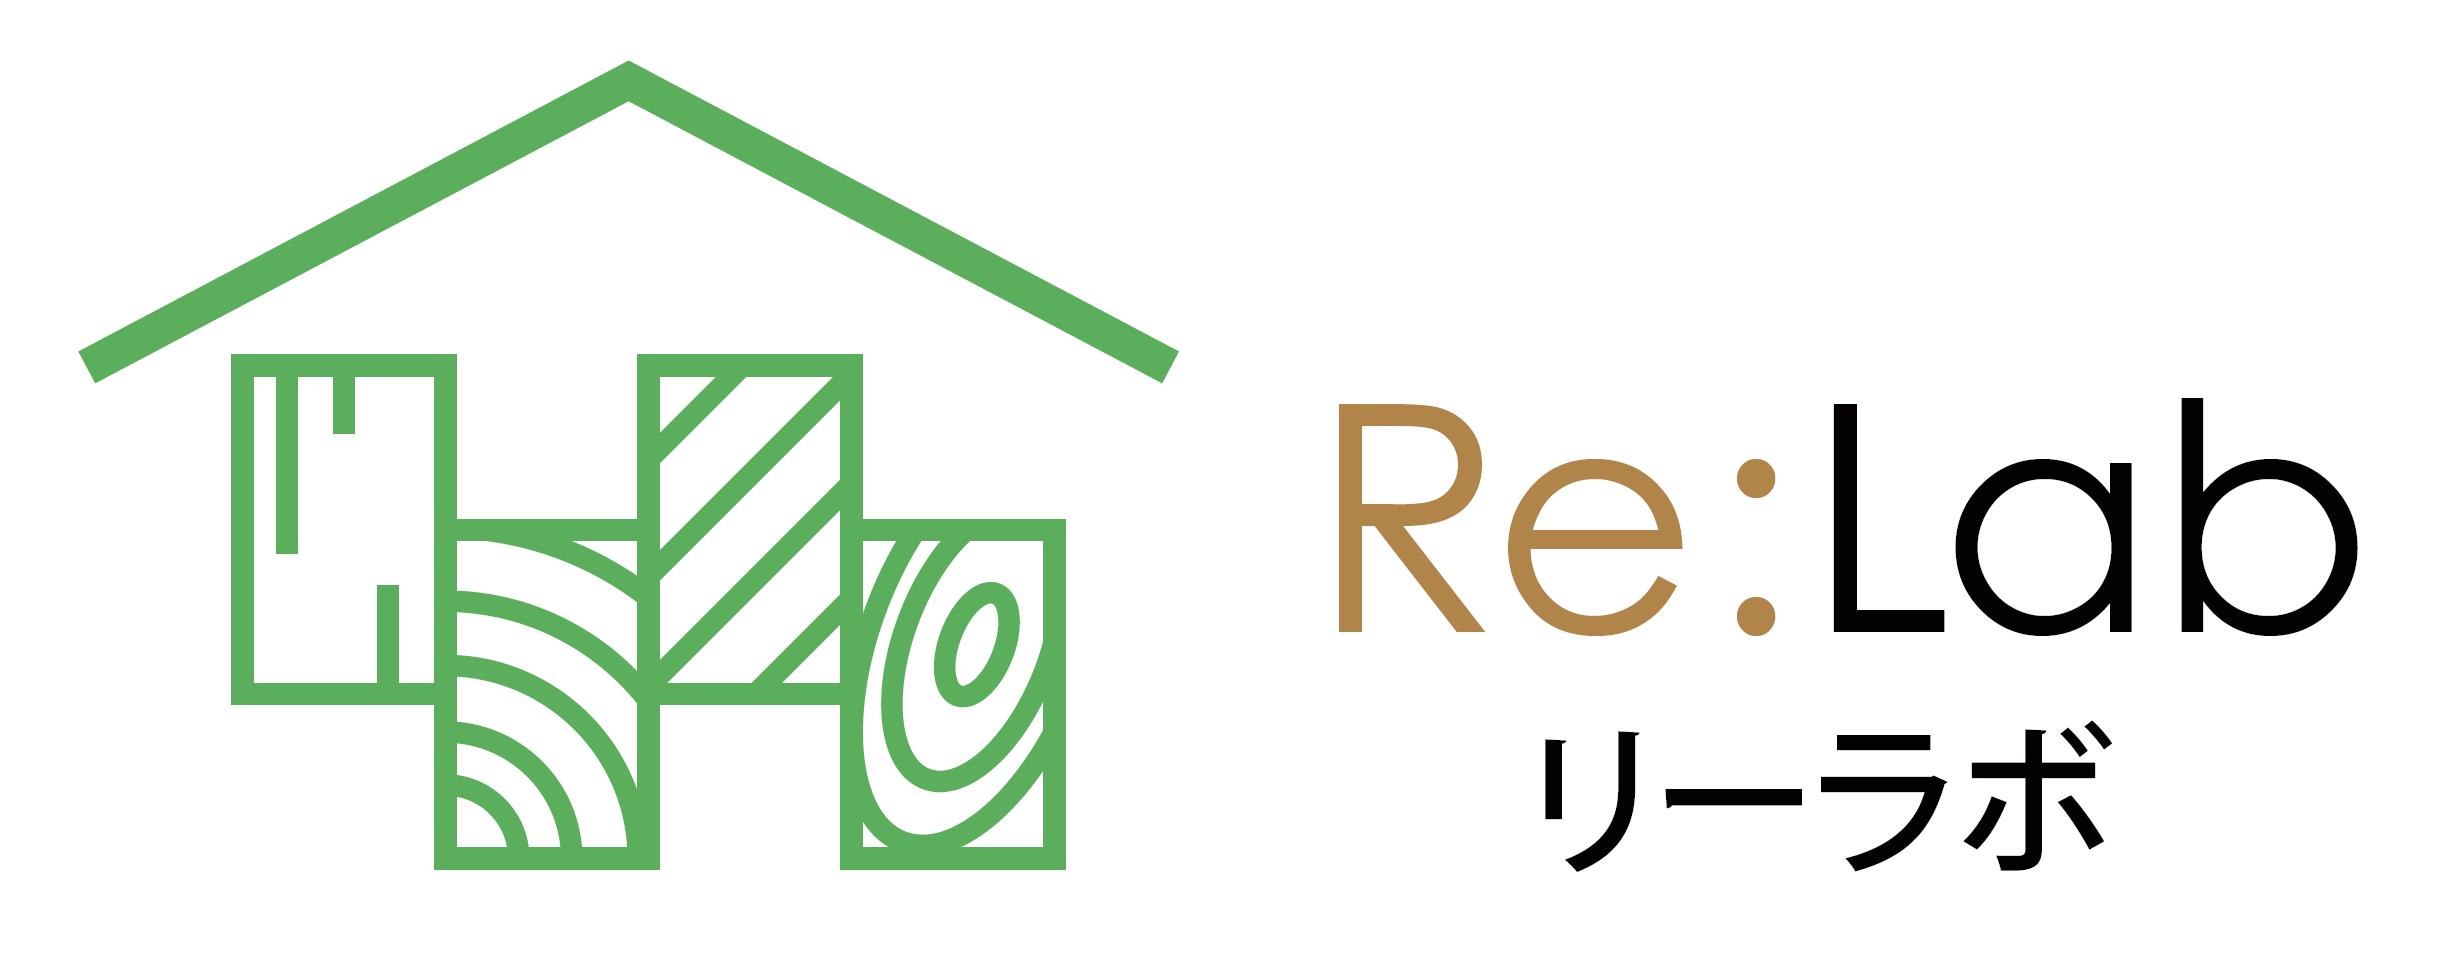 リーラボ-Re:lab-